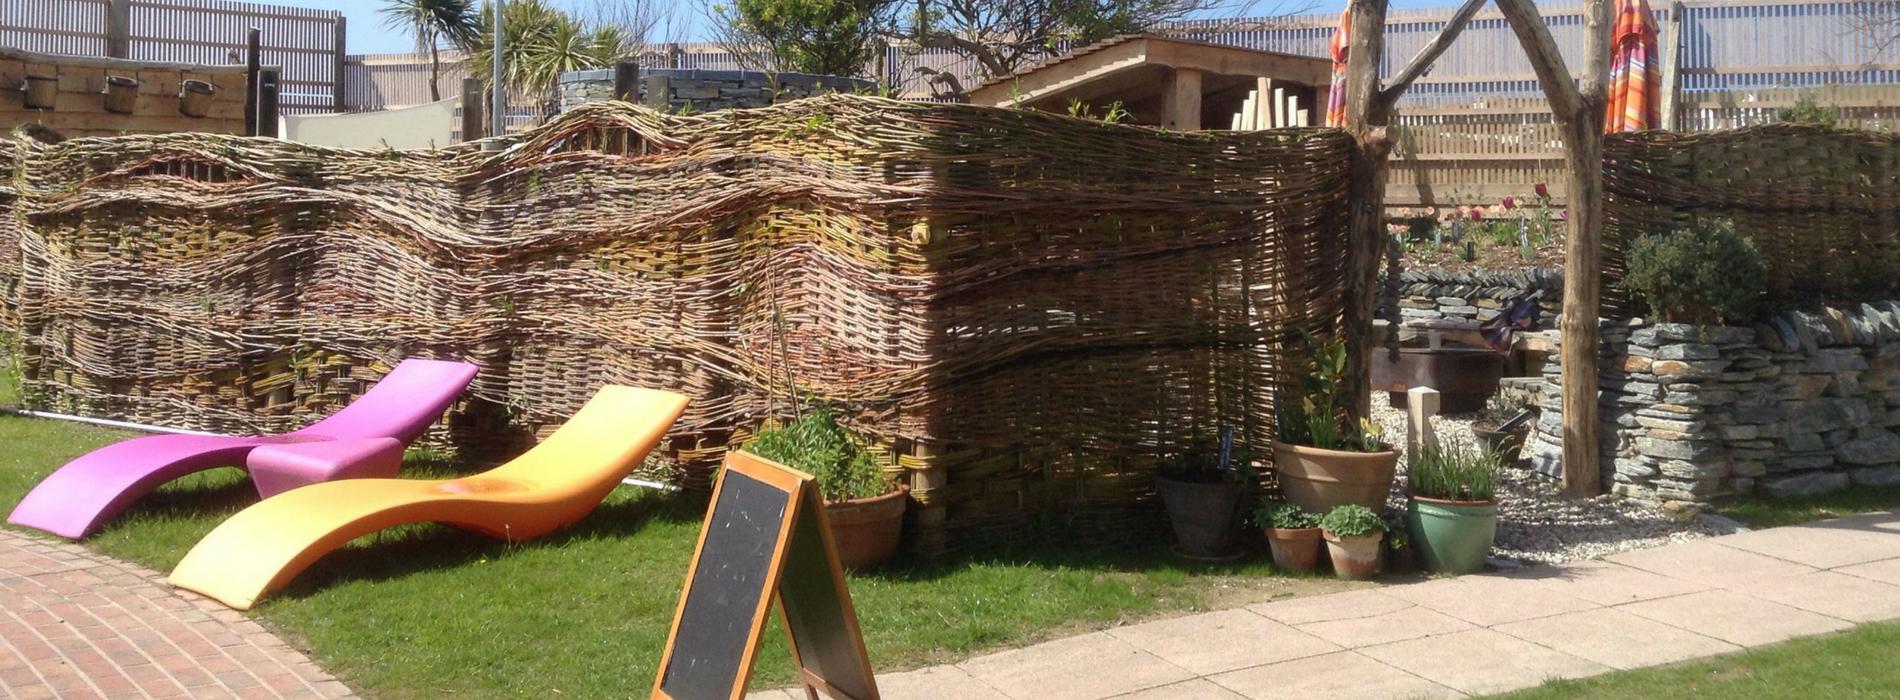 Wicker woven fence